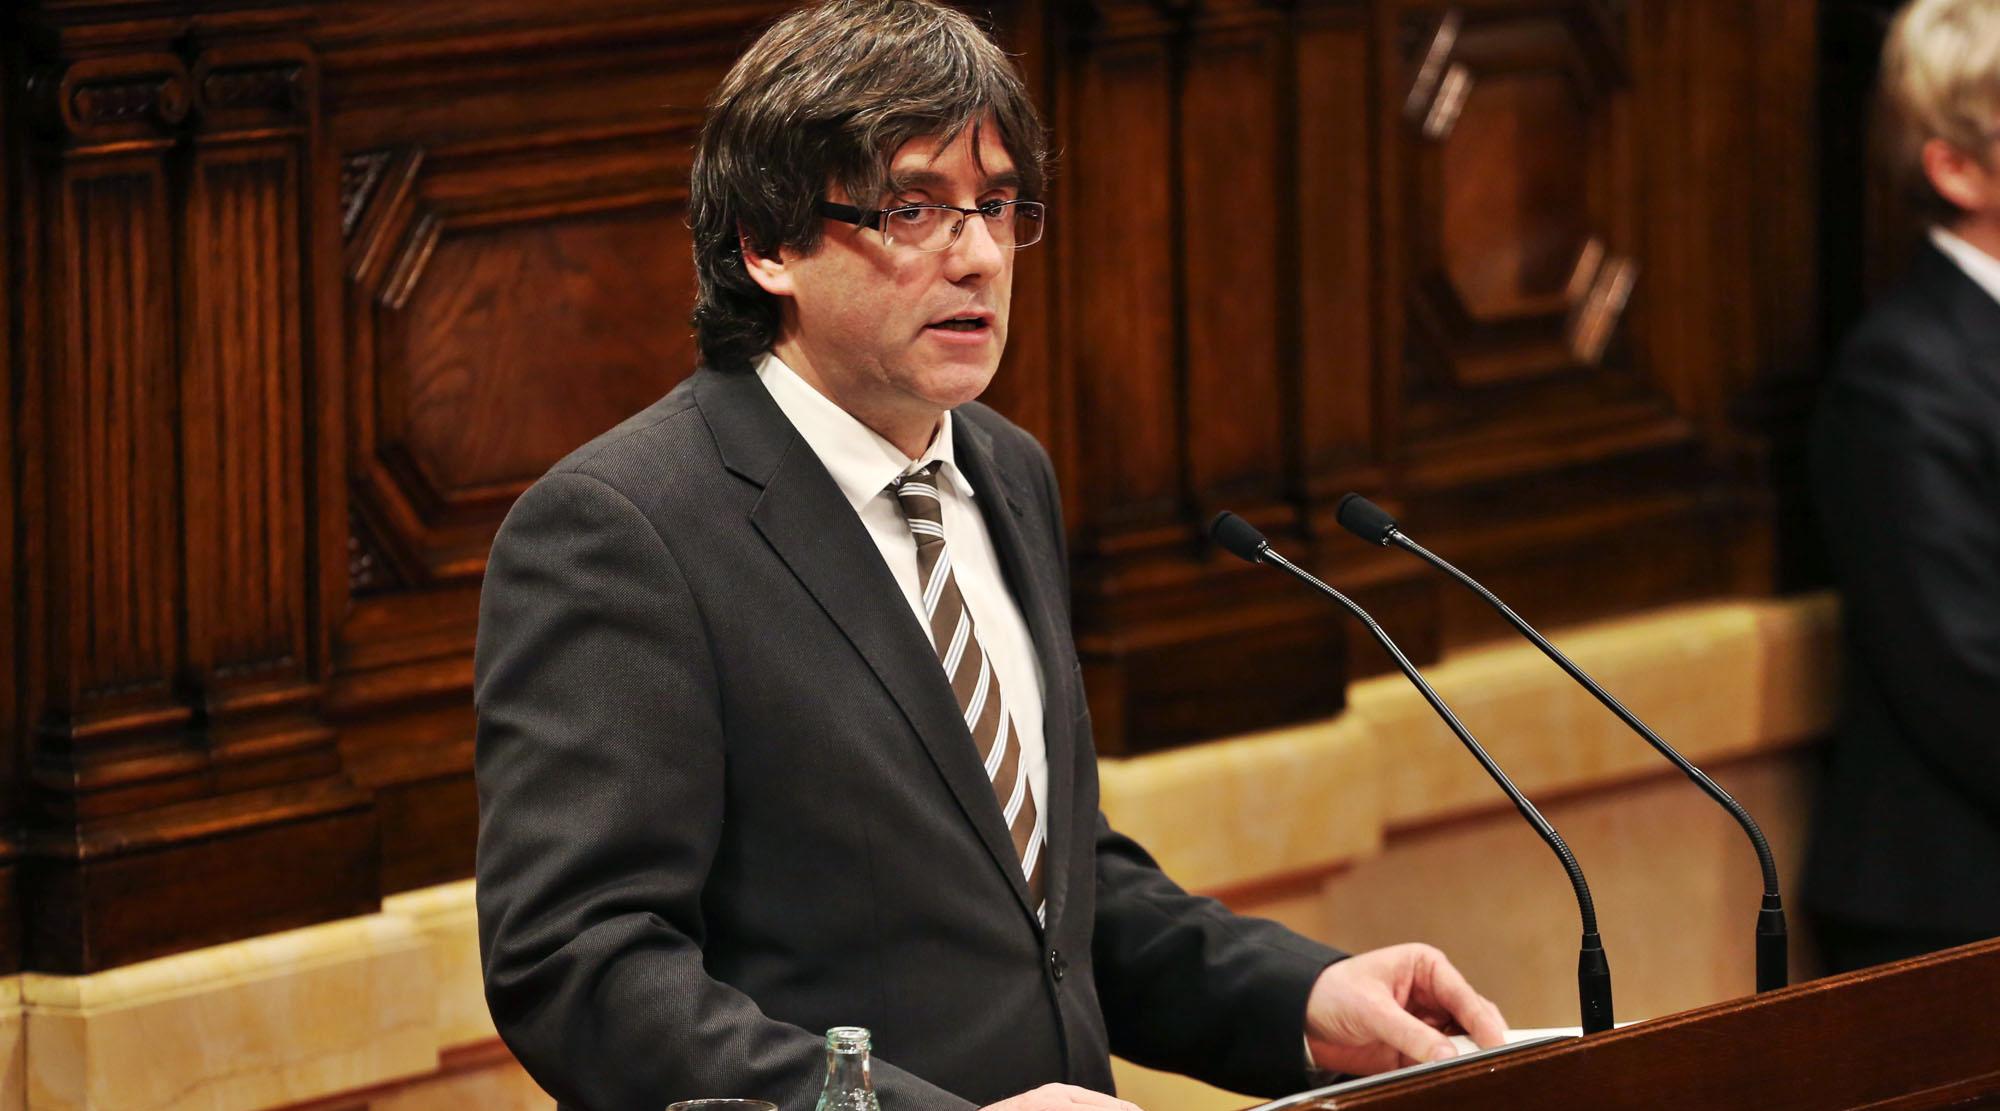 Carles Puigdemont durante il discorso               di insediamento al parlamento catalano il 10 gennaio               2016. Credit: Generalitat de Catalunya. Licenza: CC0.